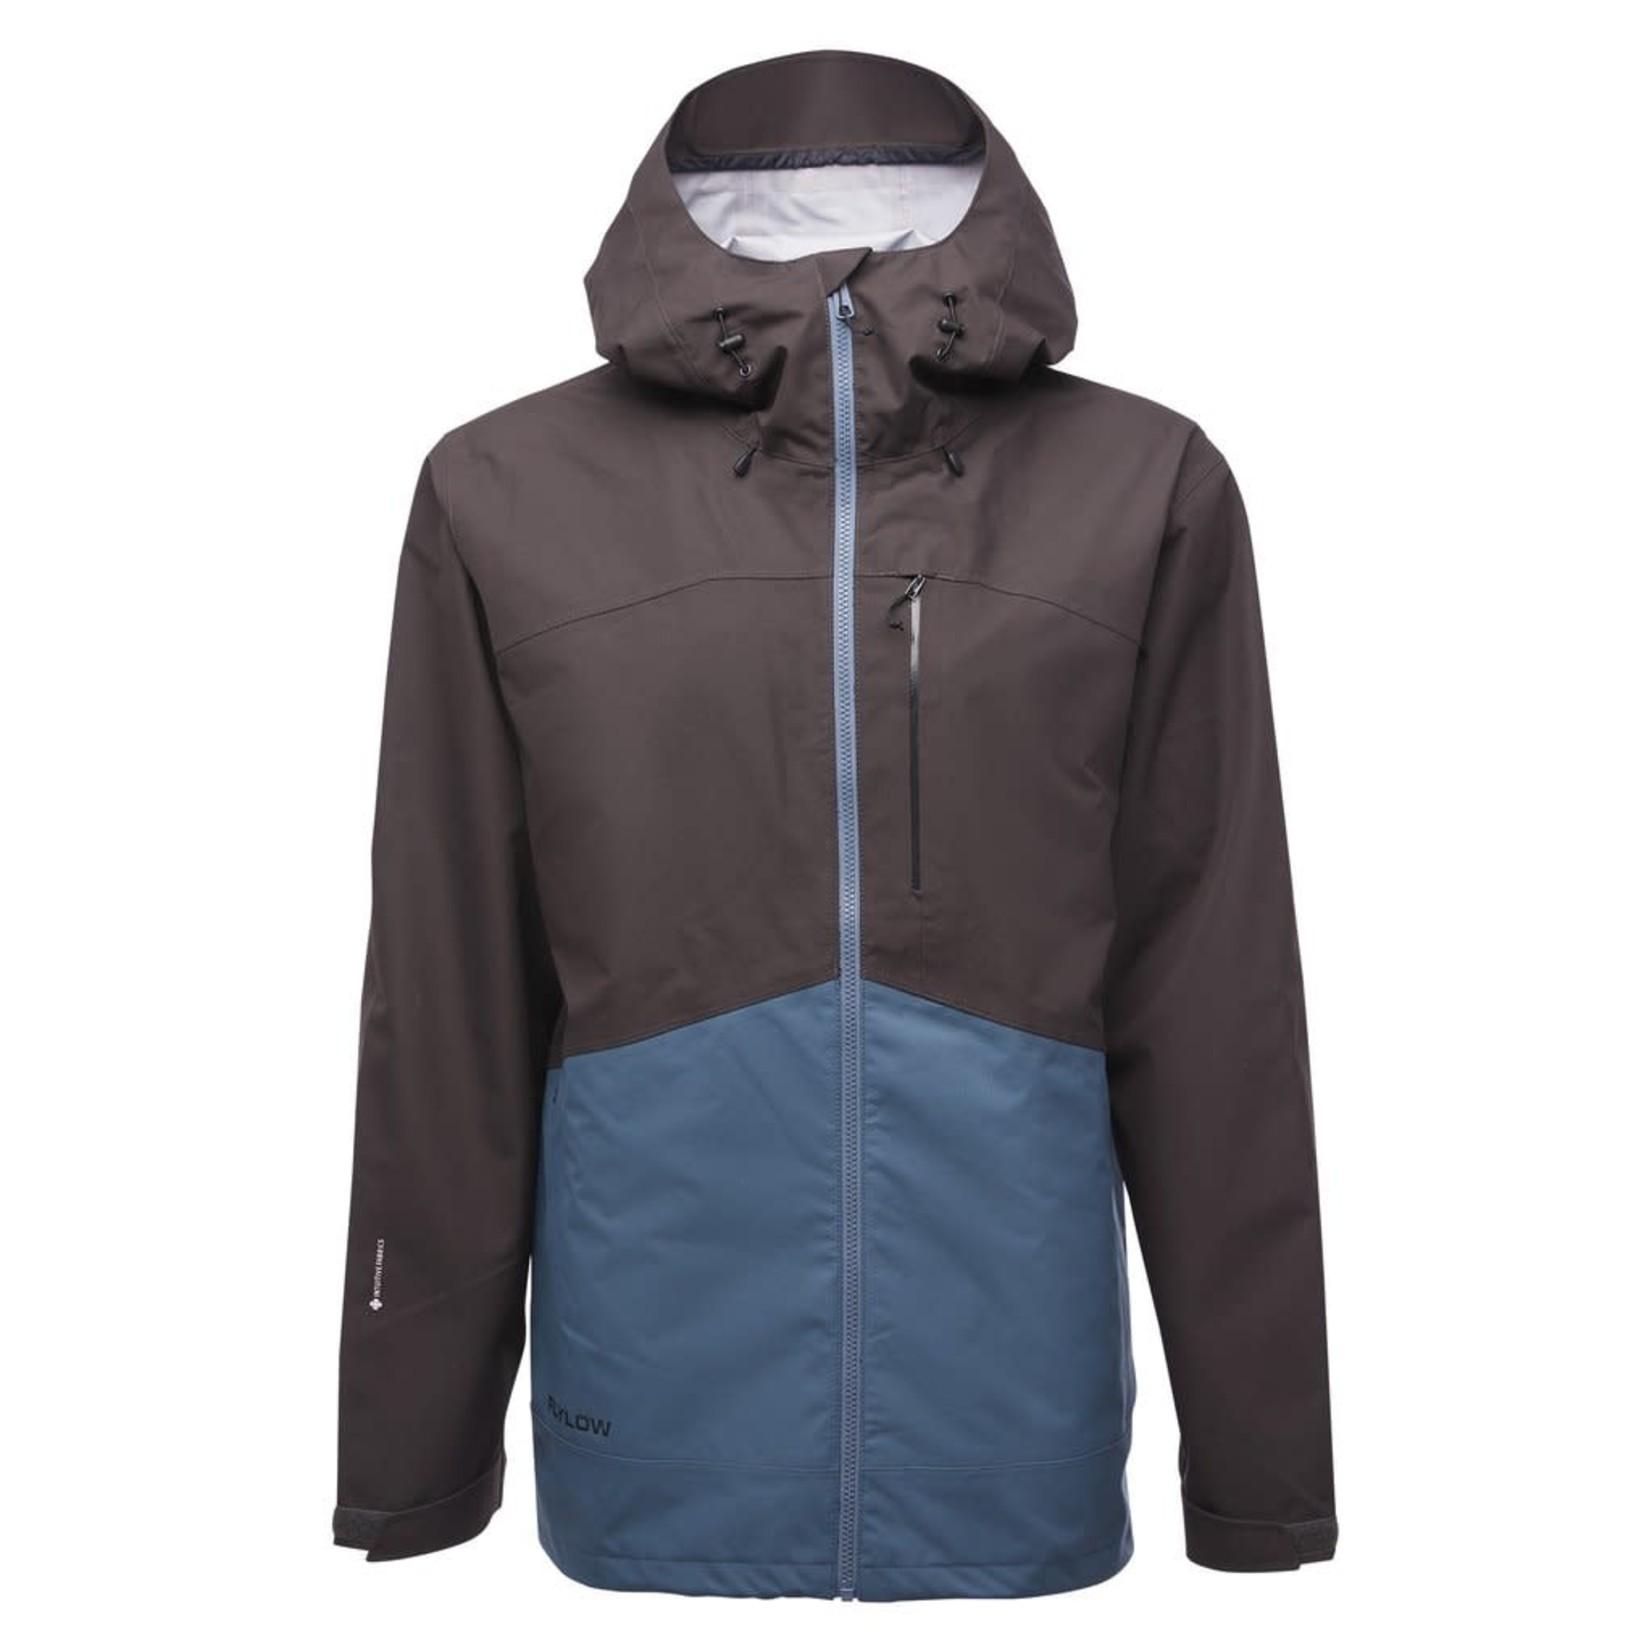 Flylow Manteau Flylow Knight Jacket - Homme